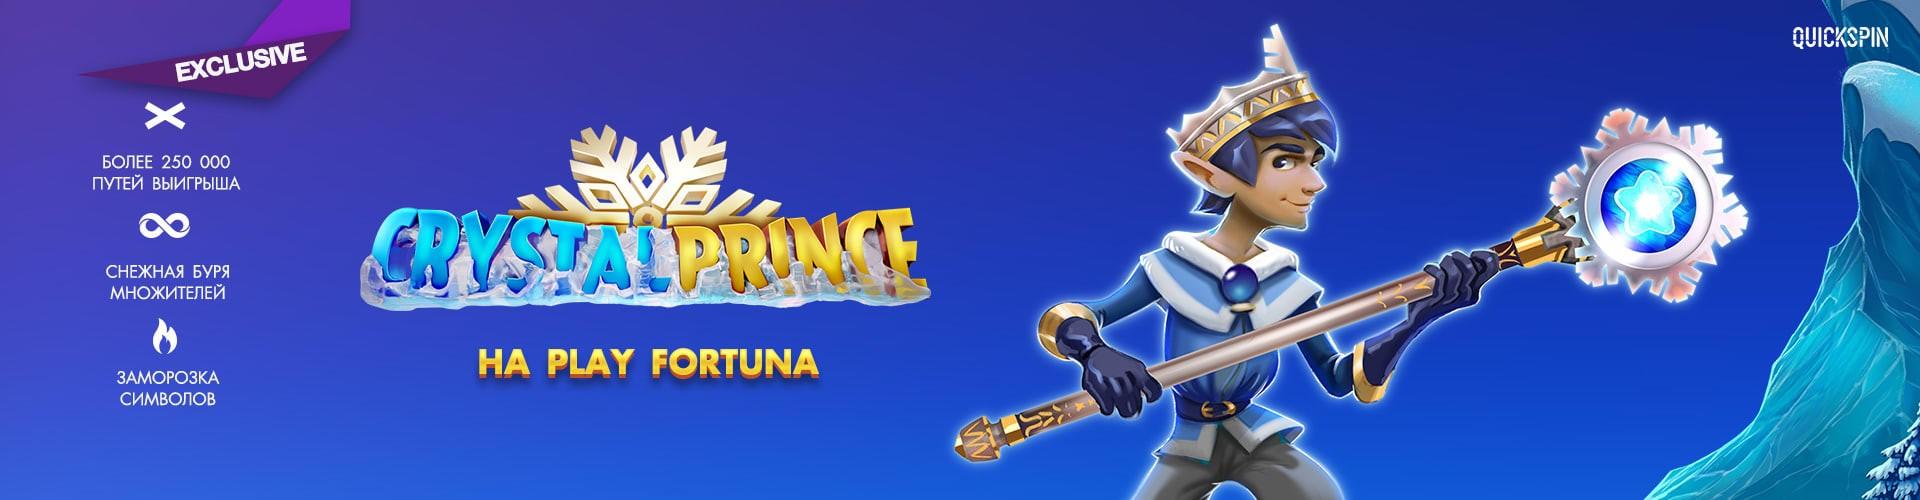 Зимний эксклюзив на сайте Playfortuna - Crystal Prince